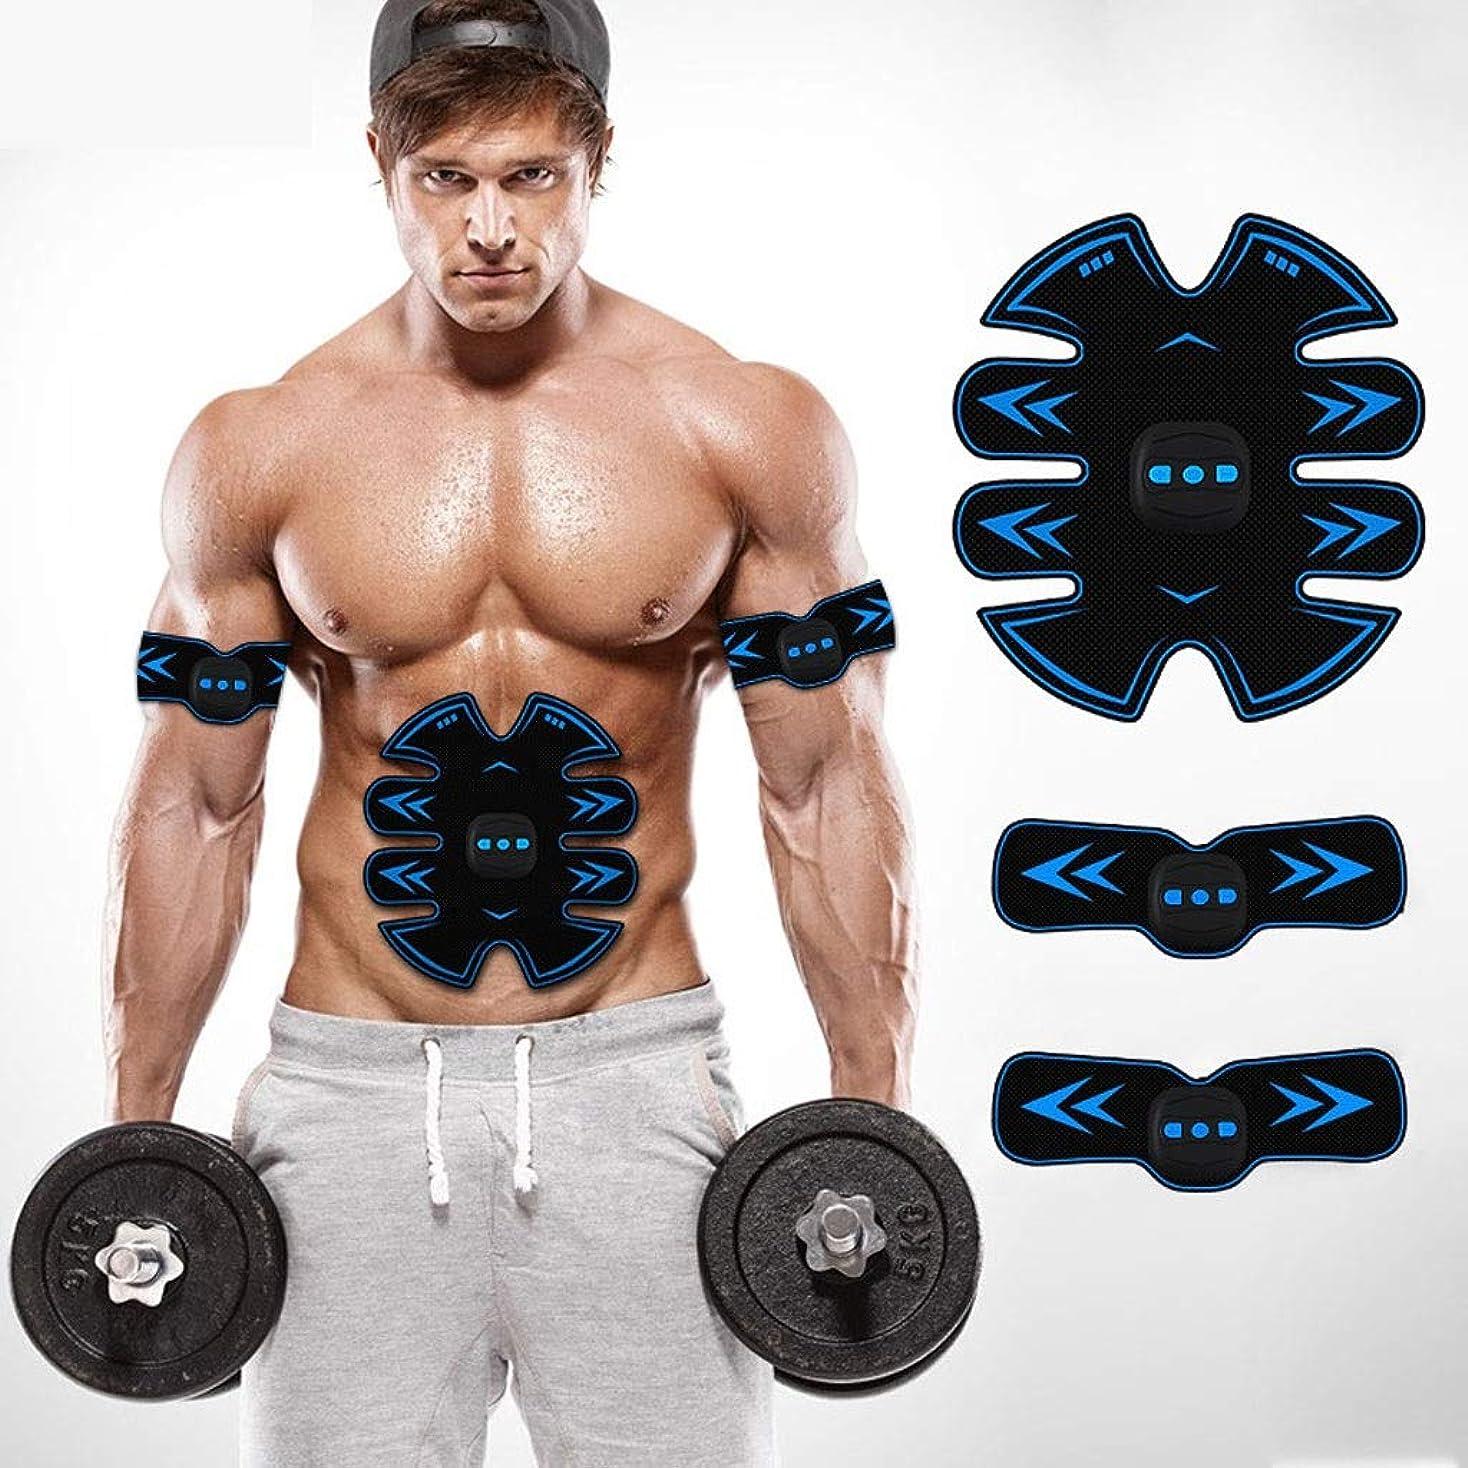 民主党用心上に築きますUsb充電筋肉トナーabs abシミュレータ腹部調色ベルトワークアウトワイヤレスEMSトレーニングホームオフィス用腹部腕脚トレーニングホームオフィス (Color : Blue)